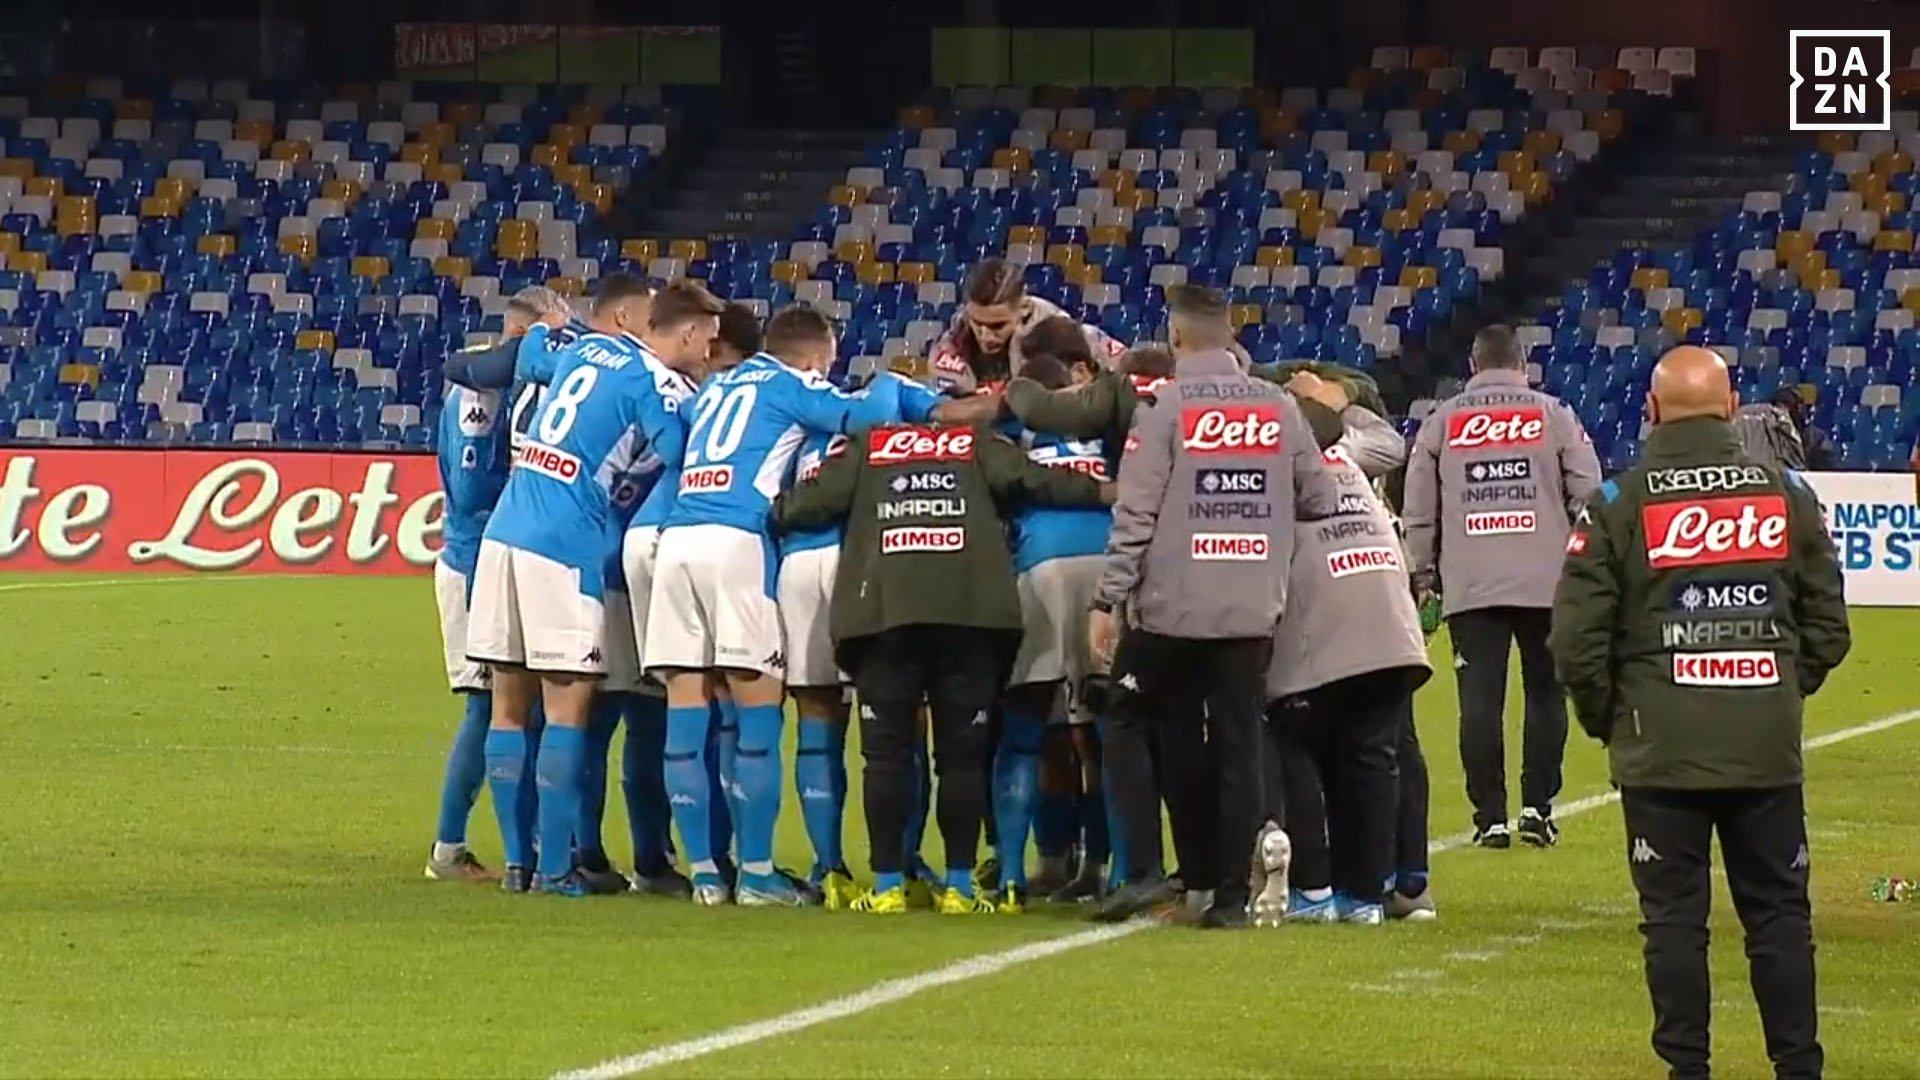 I calciatori del Napoli non hanno riconosciuto la leadership di Ancelotti